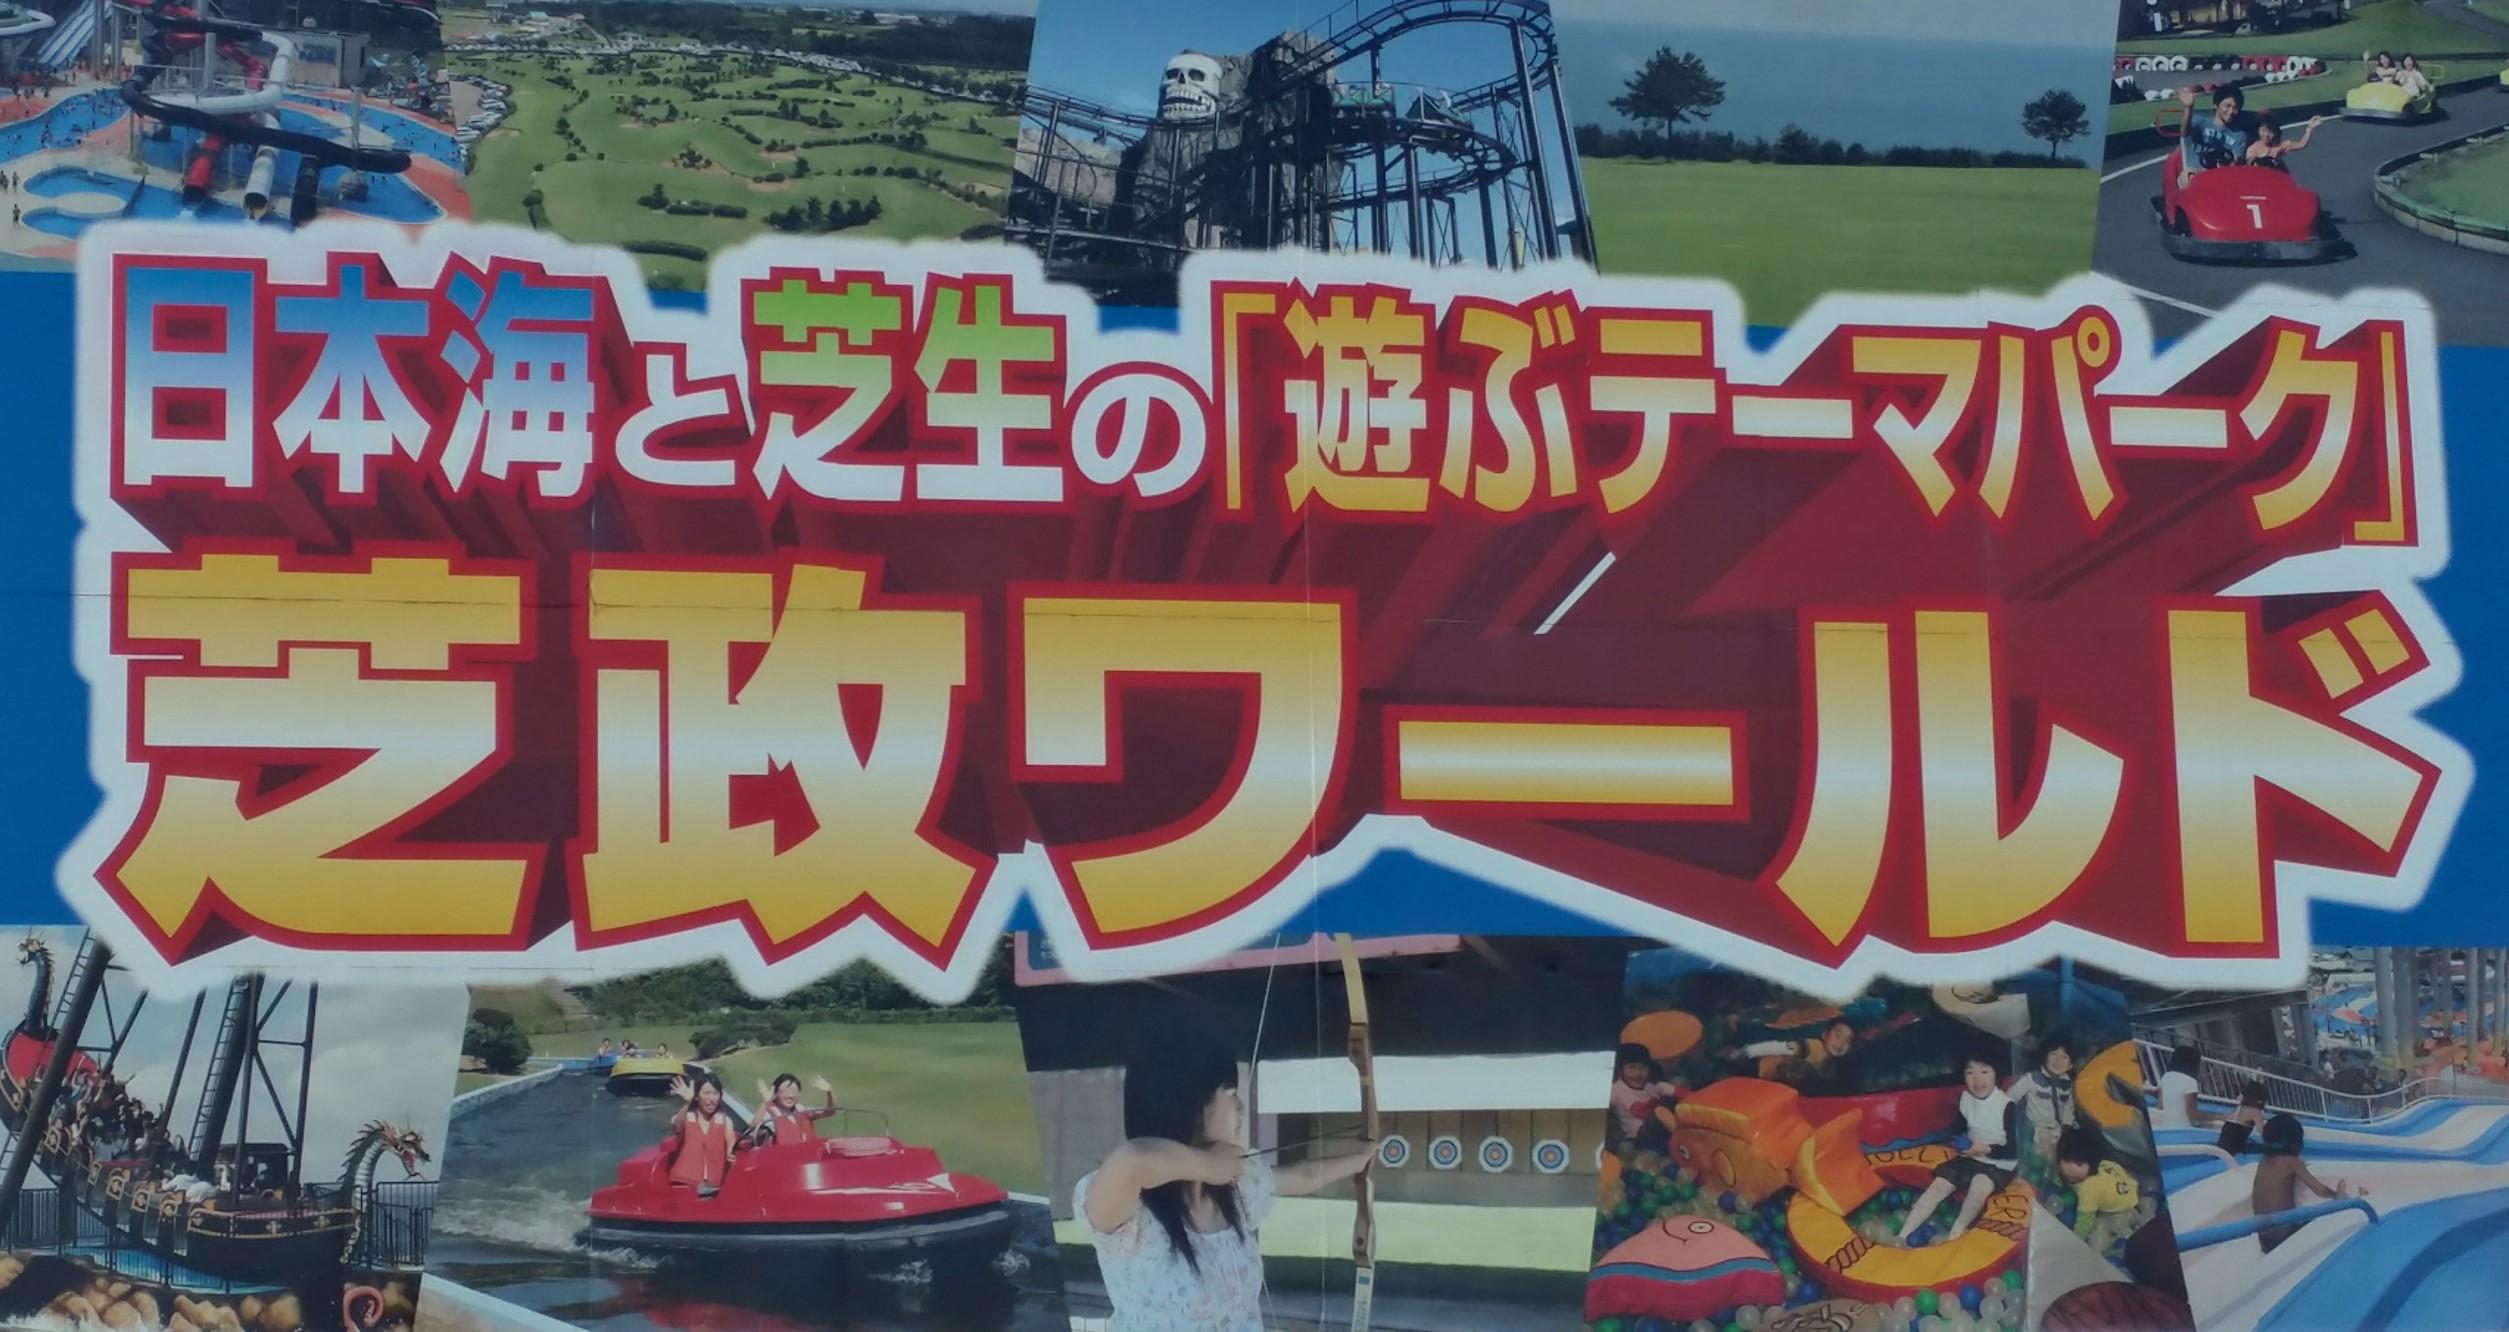 芝政ワールド(福井県坂井市)新型コロナの影響        5/23~屋内屋外ともに通常営業再開中 2020.07.04時点